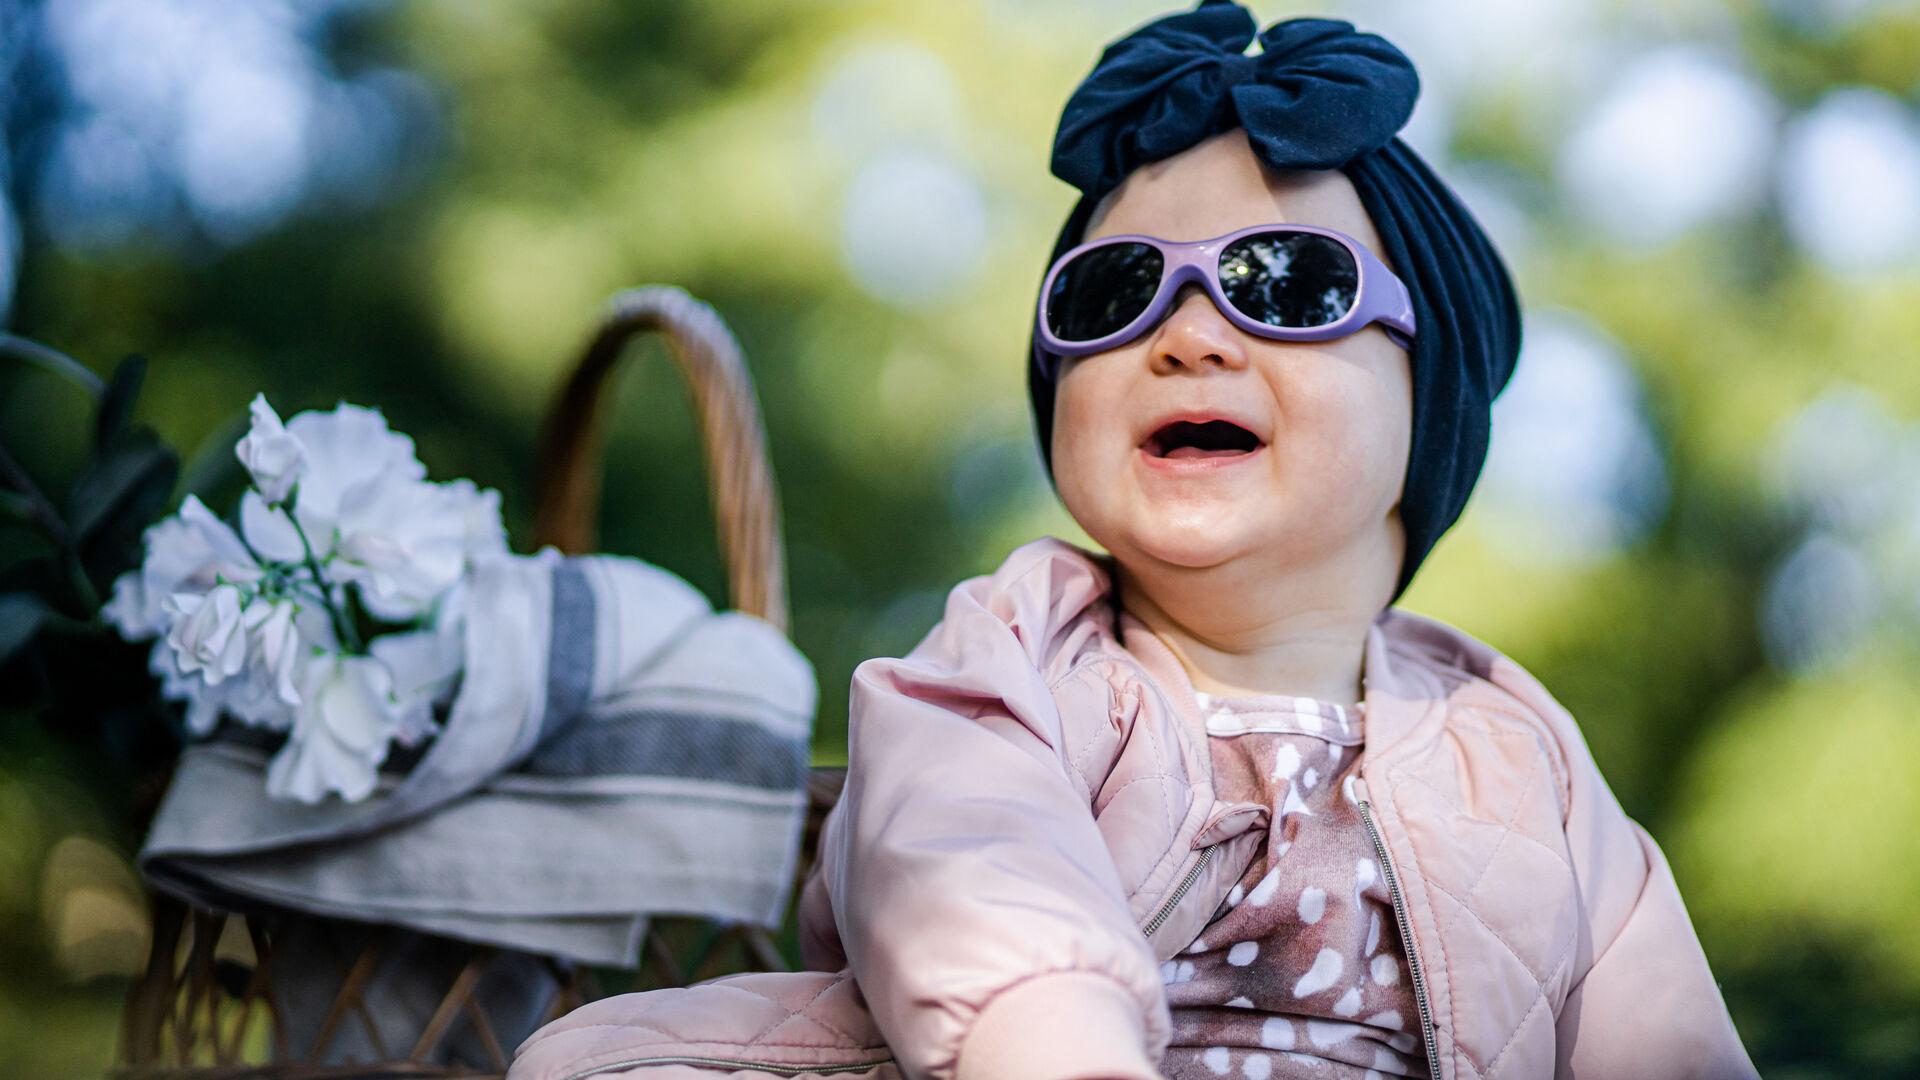 Pidä nämä 4 asiaa mielessä, kun hankit vauvan aurinkolasit